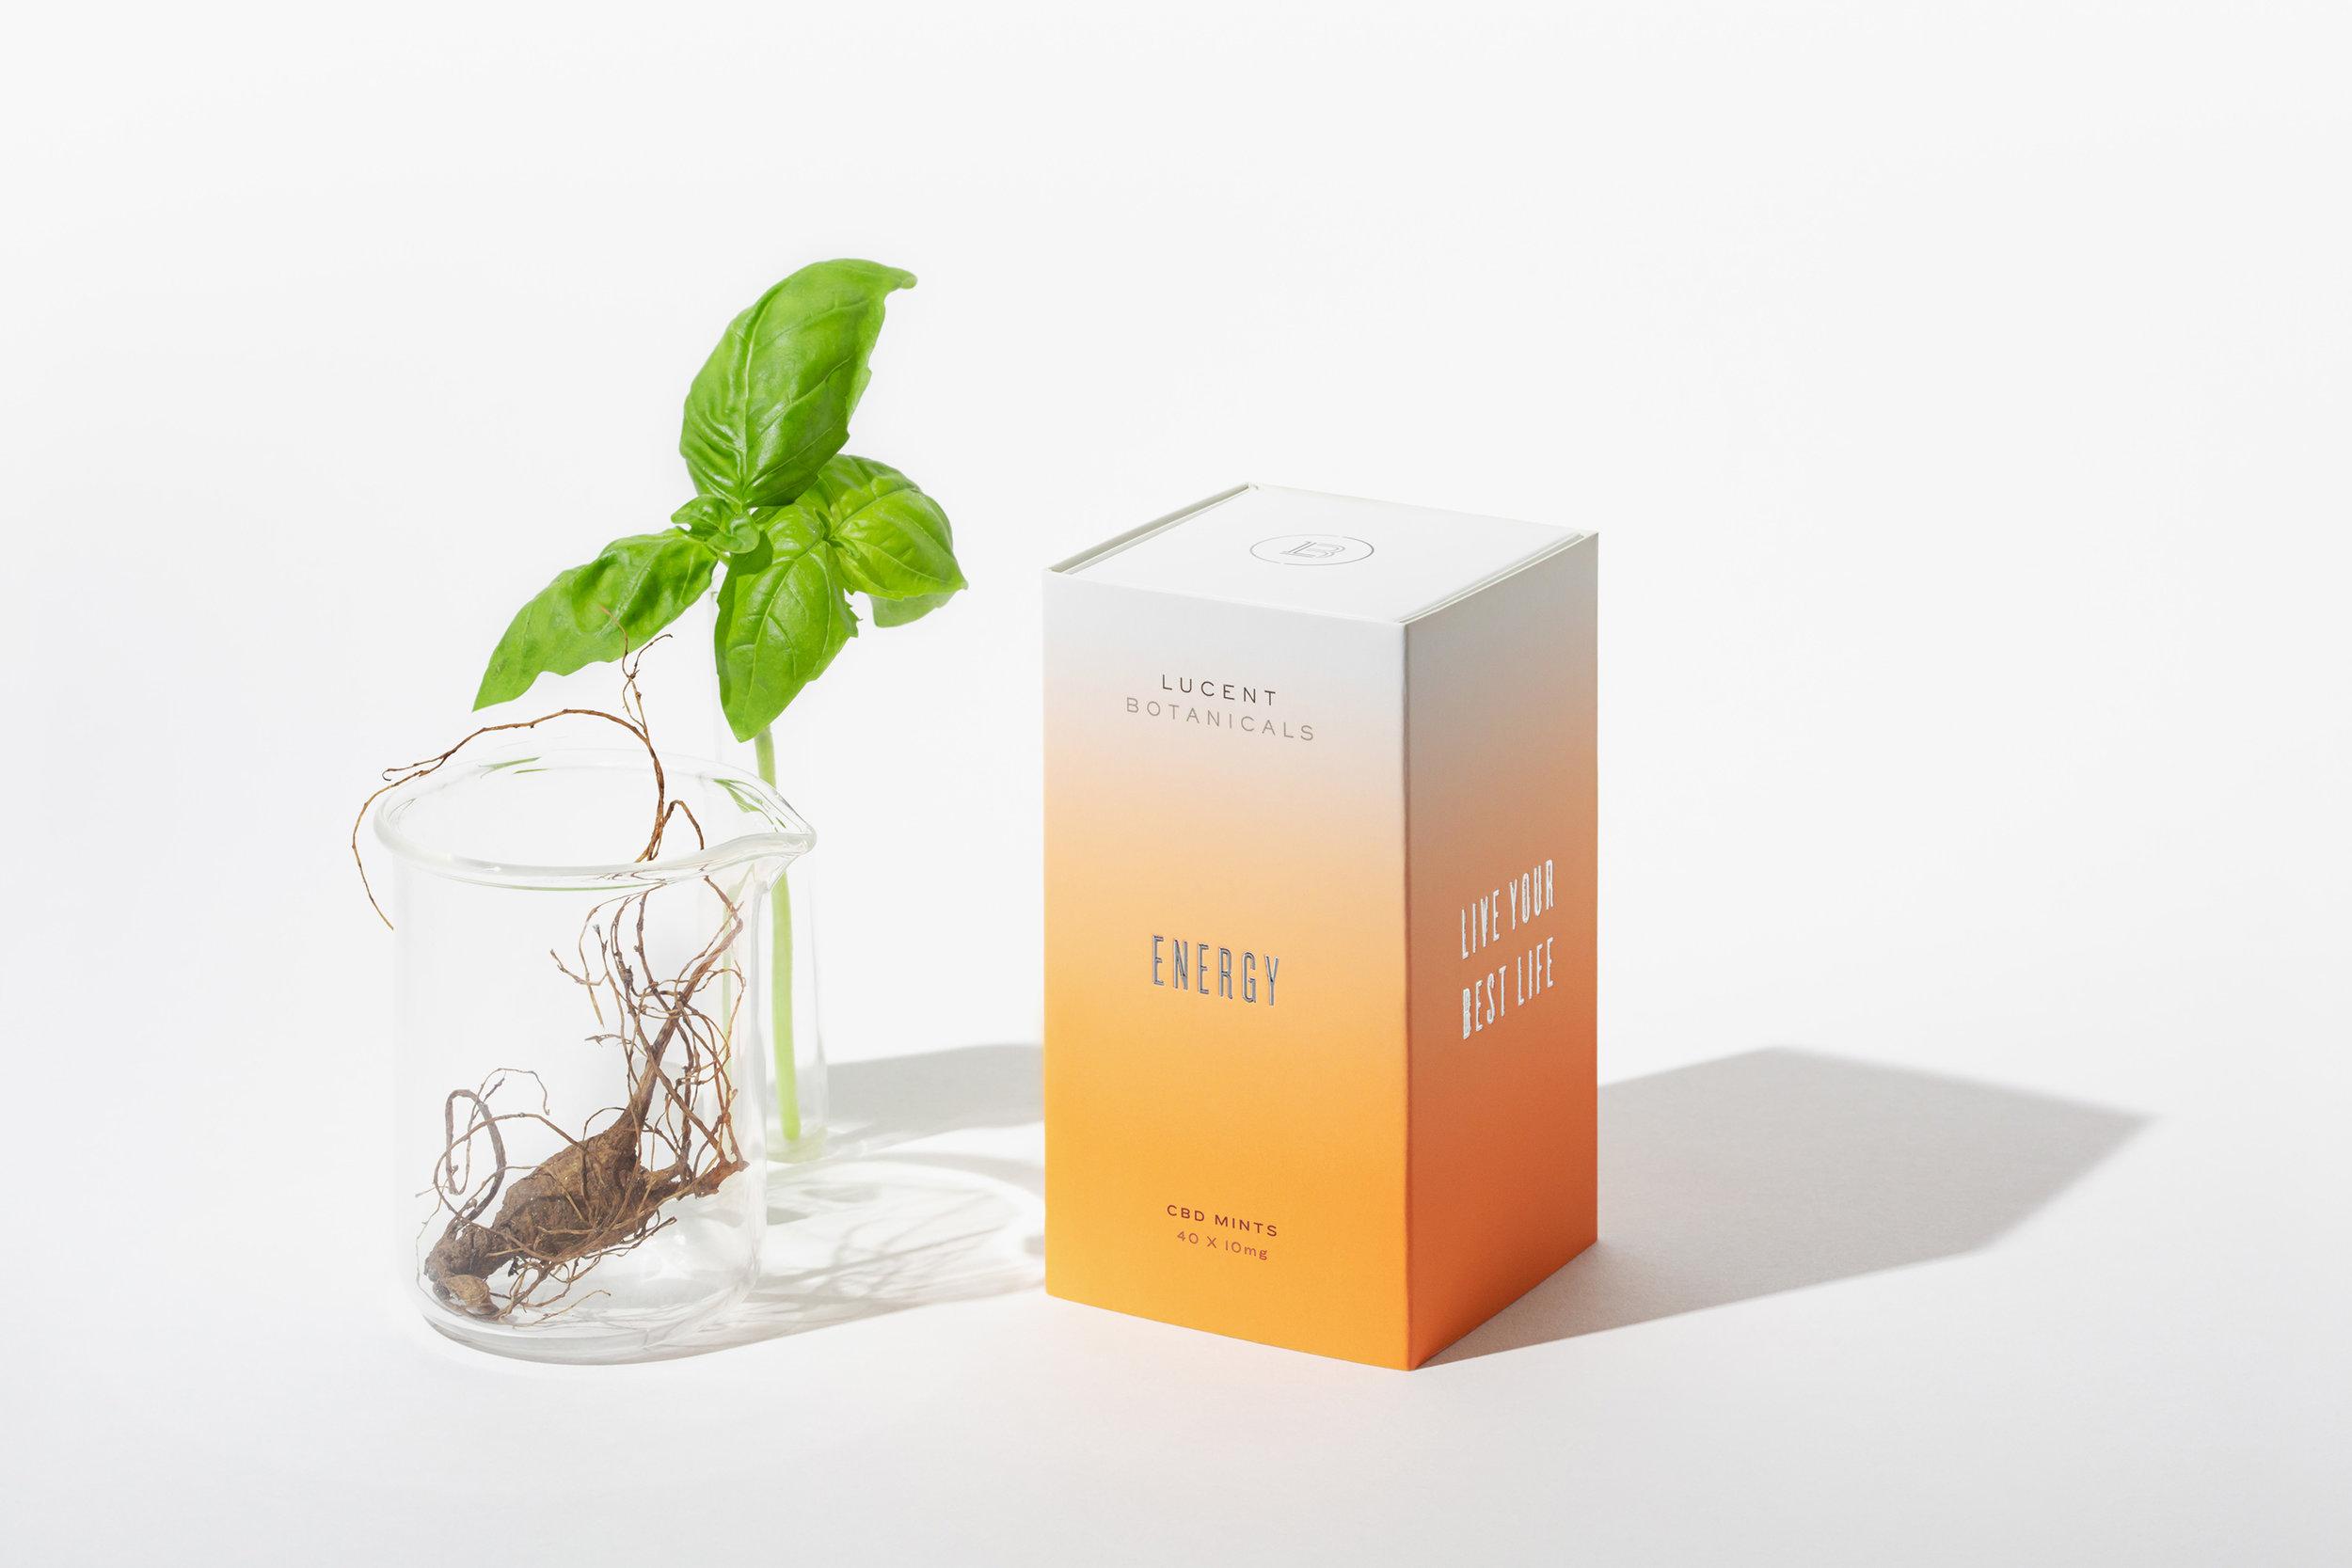 Madelene-Farin-Lucent-Botanicals-004.jpg